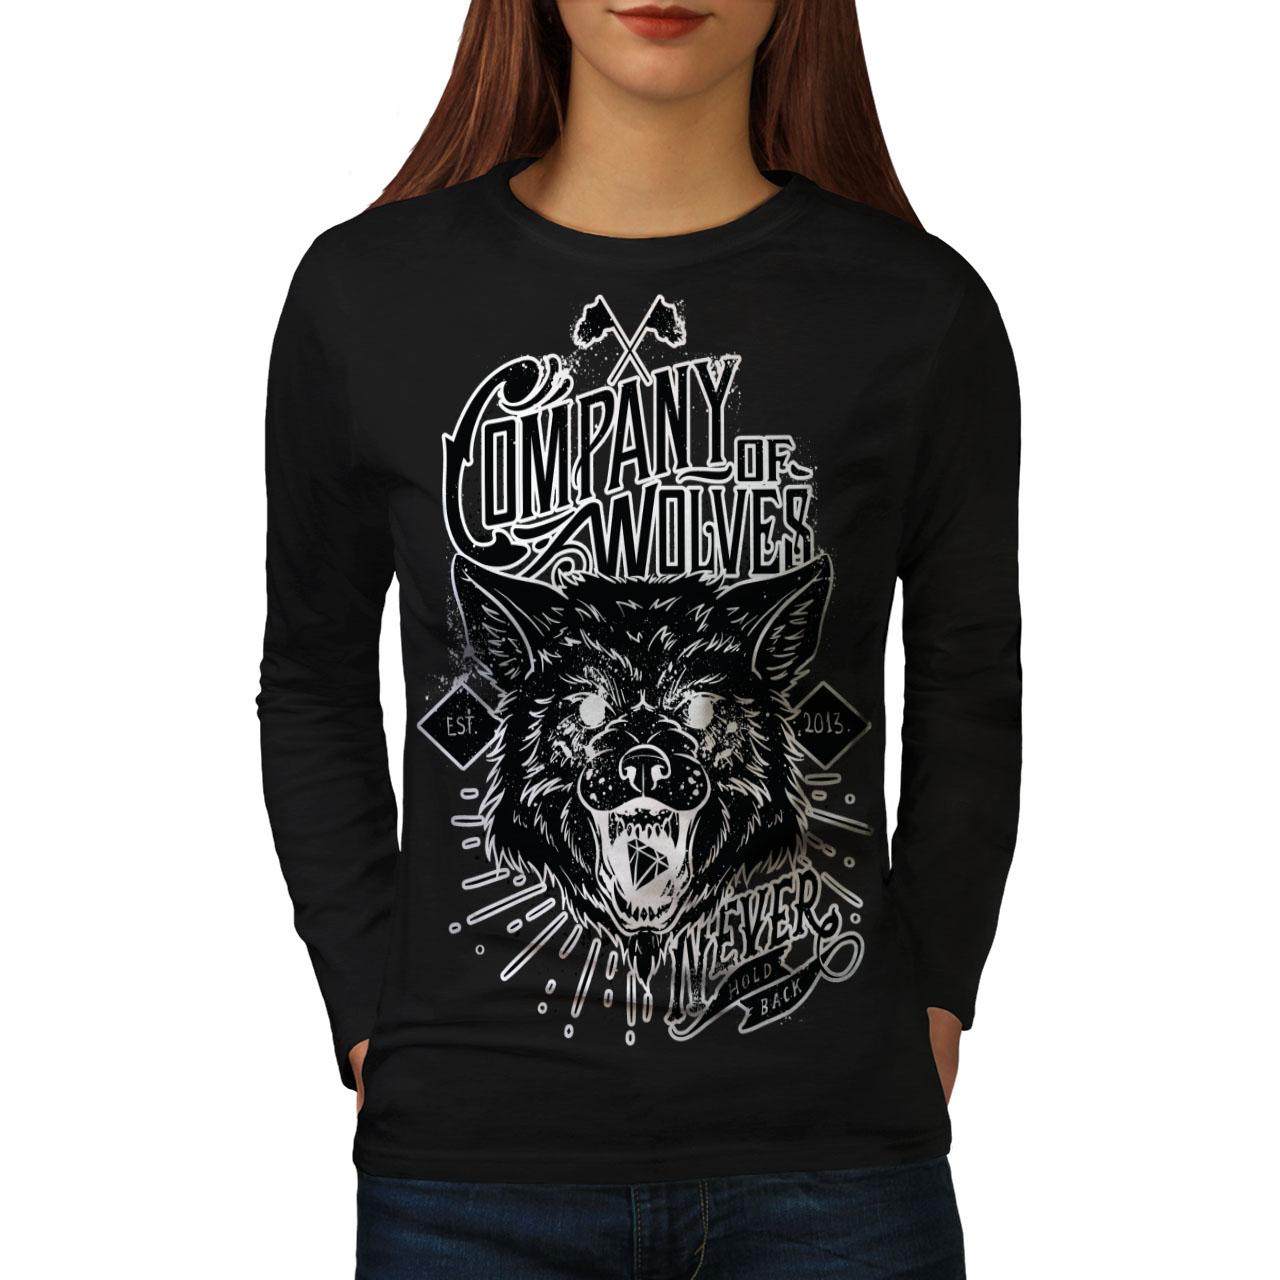 2019 Ultimo Disegno Wellcoda Dei Lupi Da Donna Company Manica Lunga T-shirt, Mai Casual Design-mostra Il Titolo Originale Disabilità Strutturali